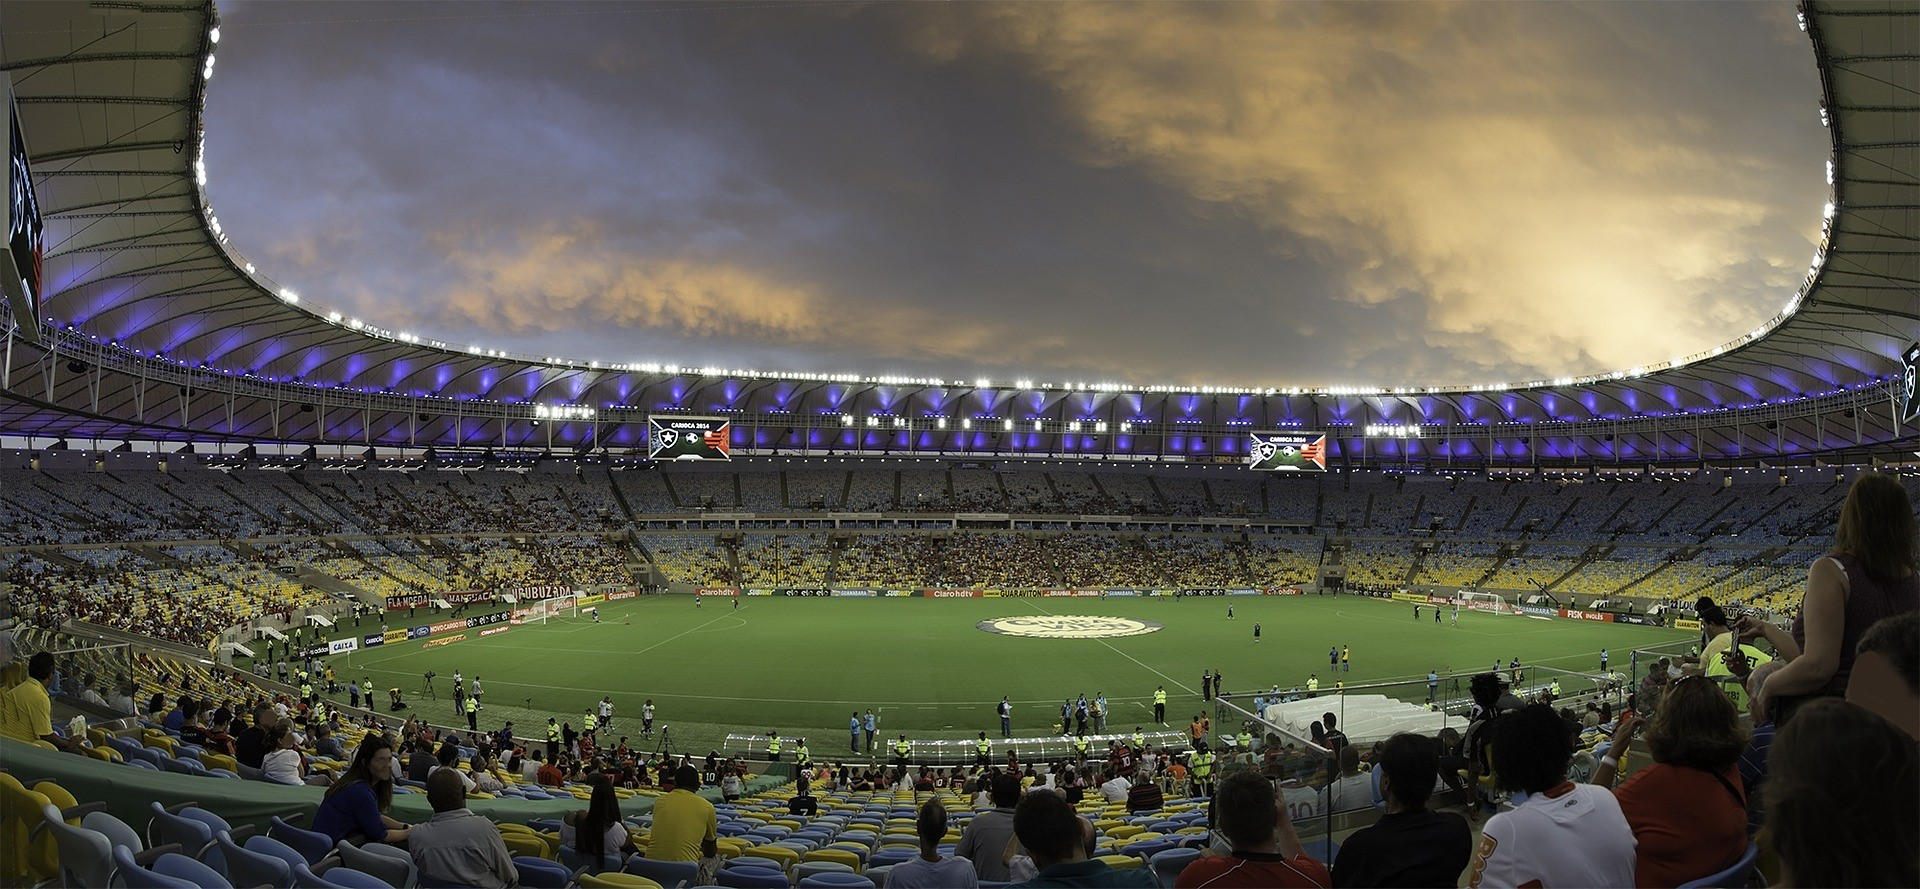 Copacabana - Rio de Janeiro - RJ